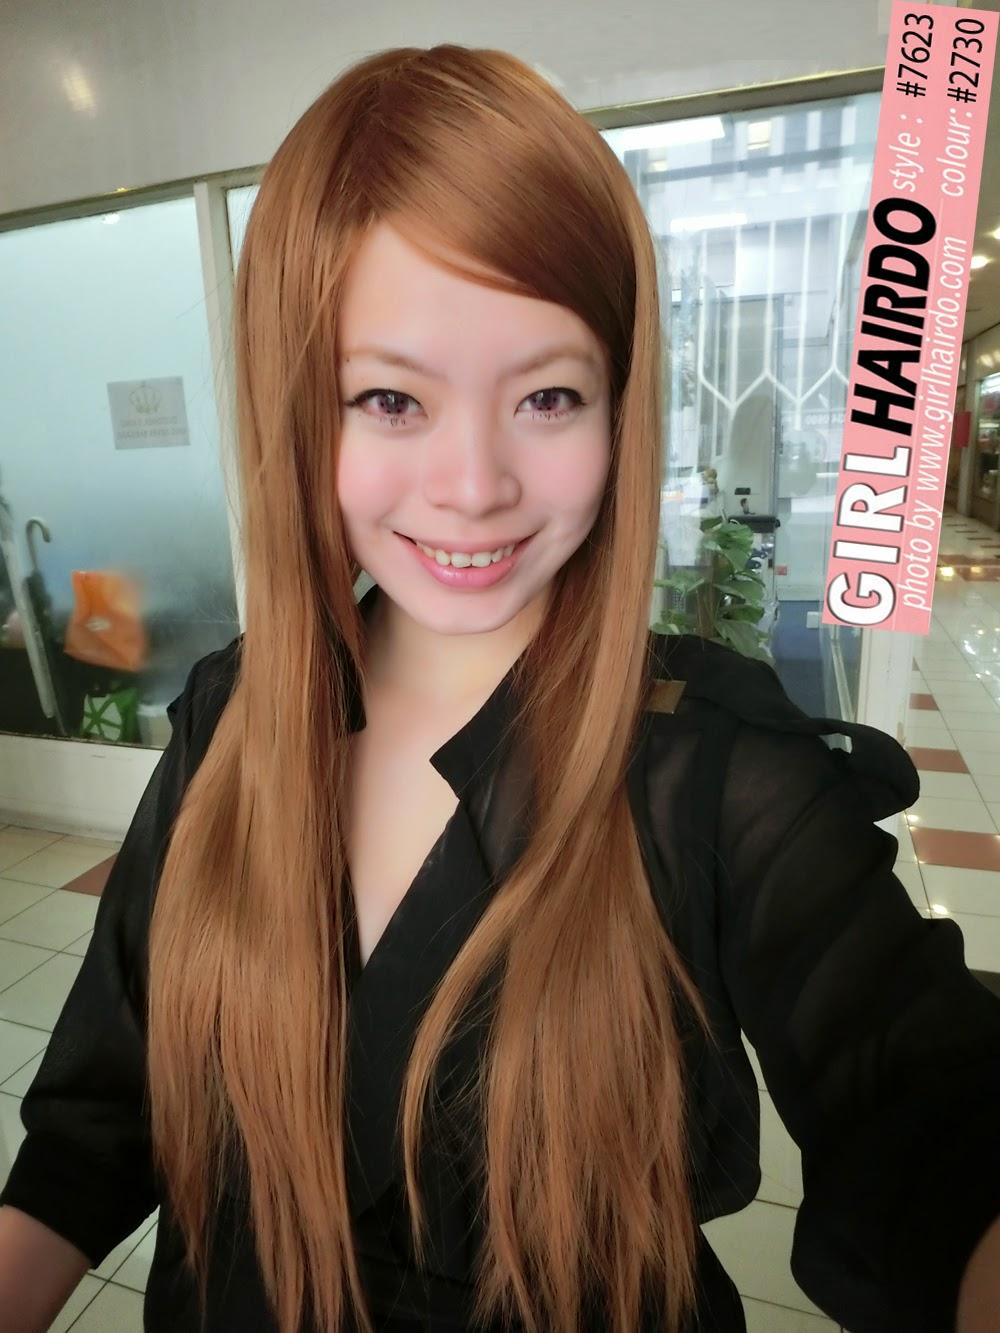 http://4.bp.blogspot.com/-c9ZBRQYEgnI/UunadFeBDkI/AAAAAAAARFg/eZ_O6DsiAlQ/s1600/CIMG0013.JPG